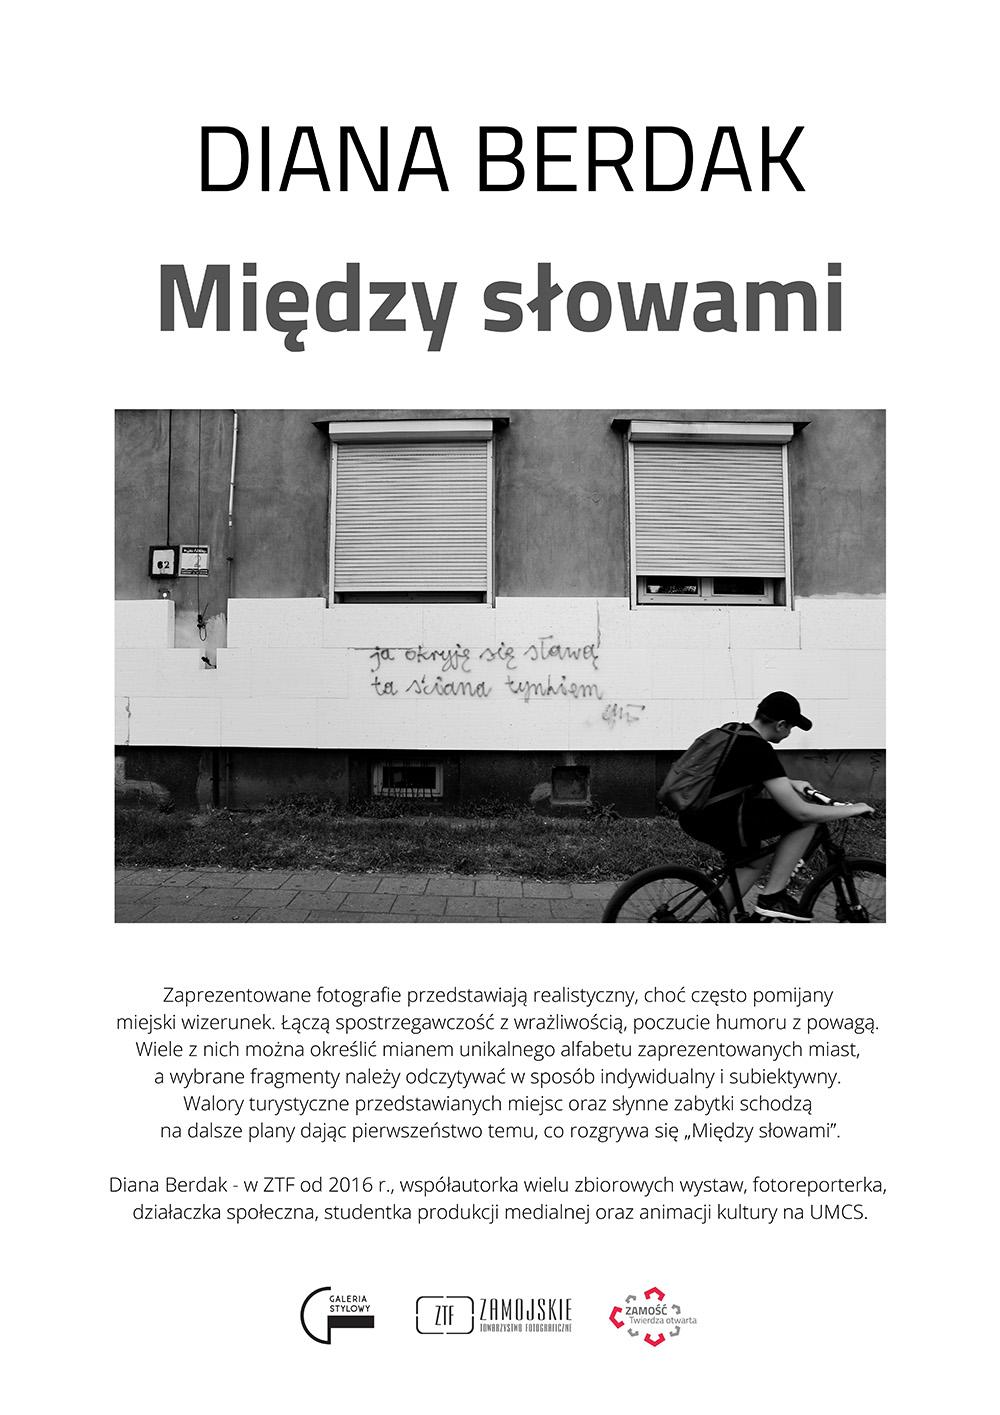 plakat diana do kina Finisaż wystawy fotografii Diany Berdak pt.